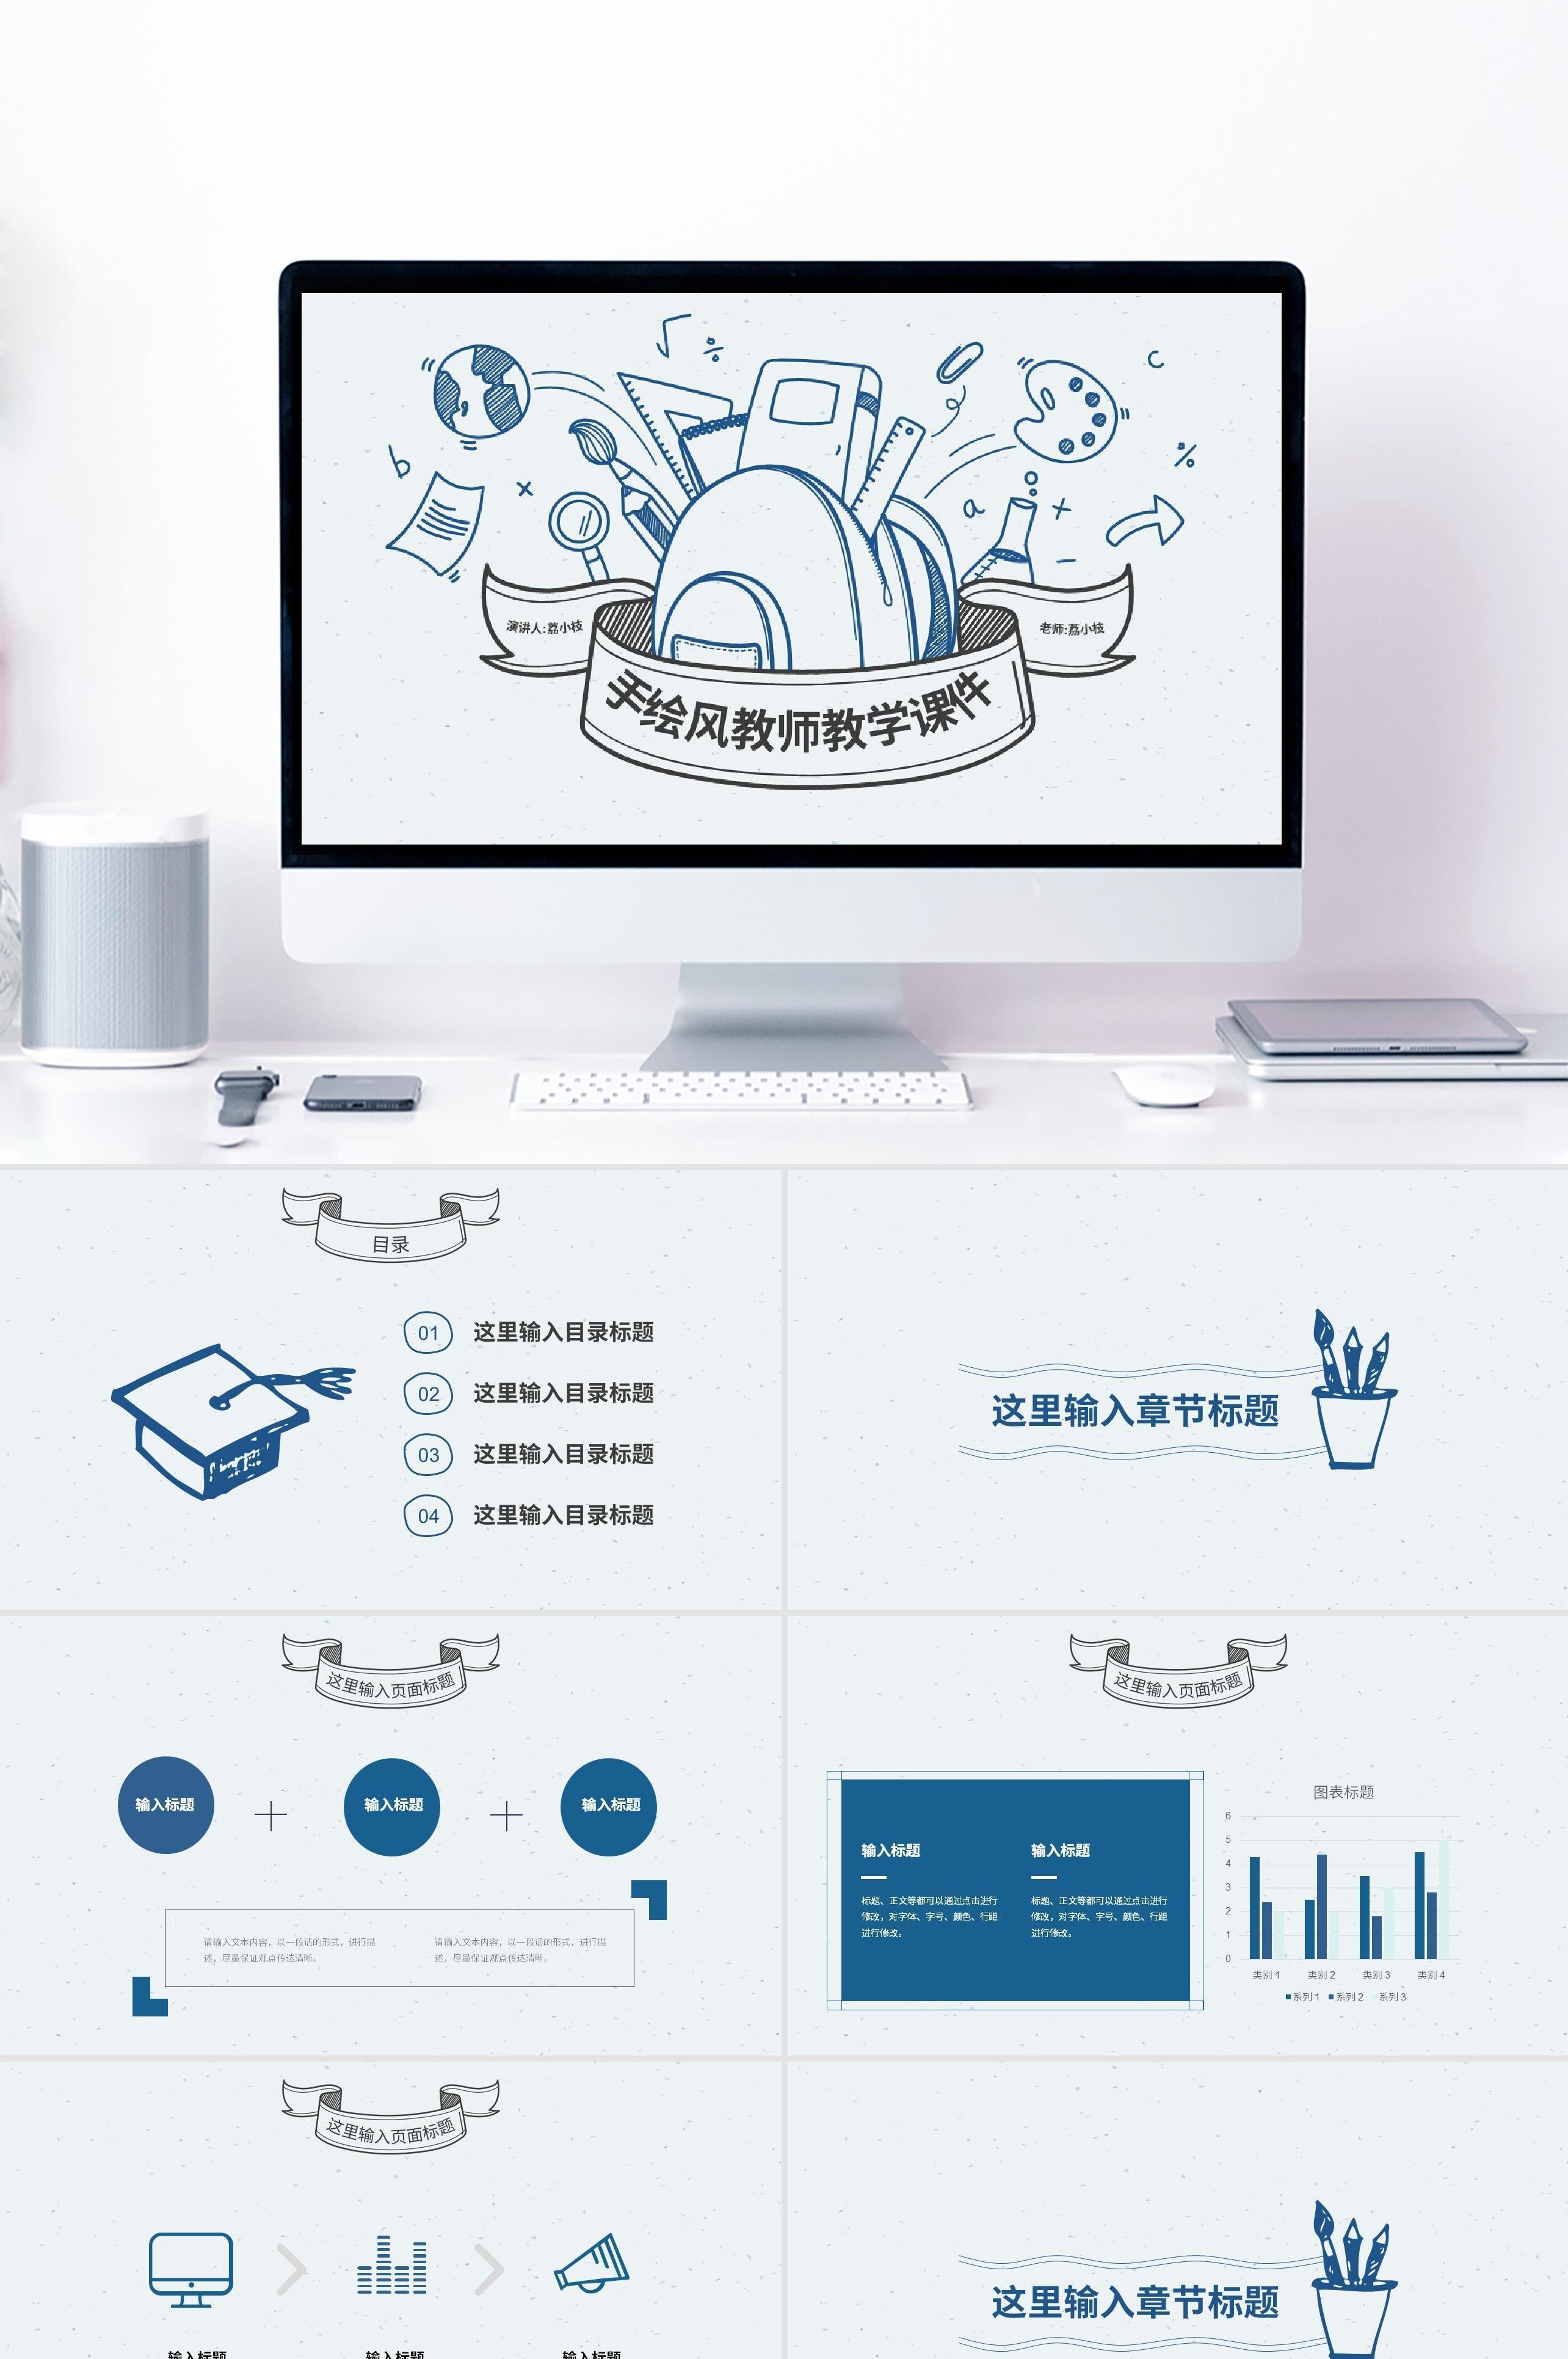 蓝灰手绘风带动效教师教学课件PPT模板